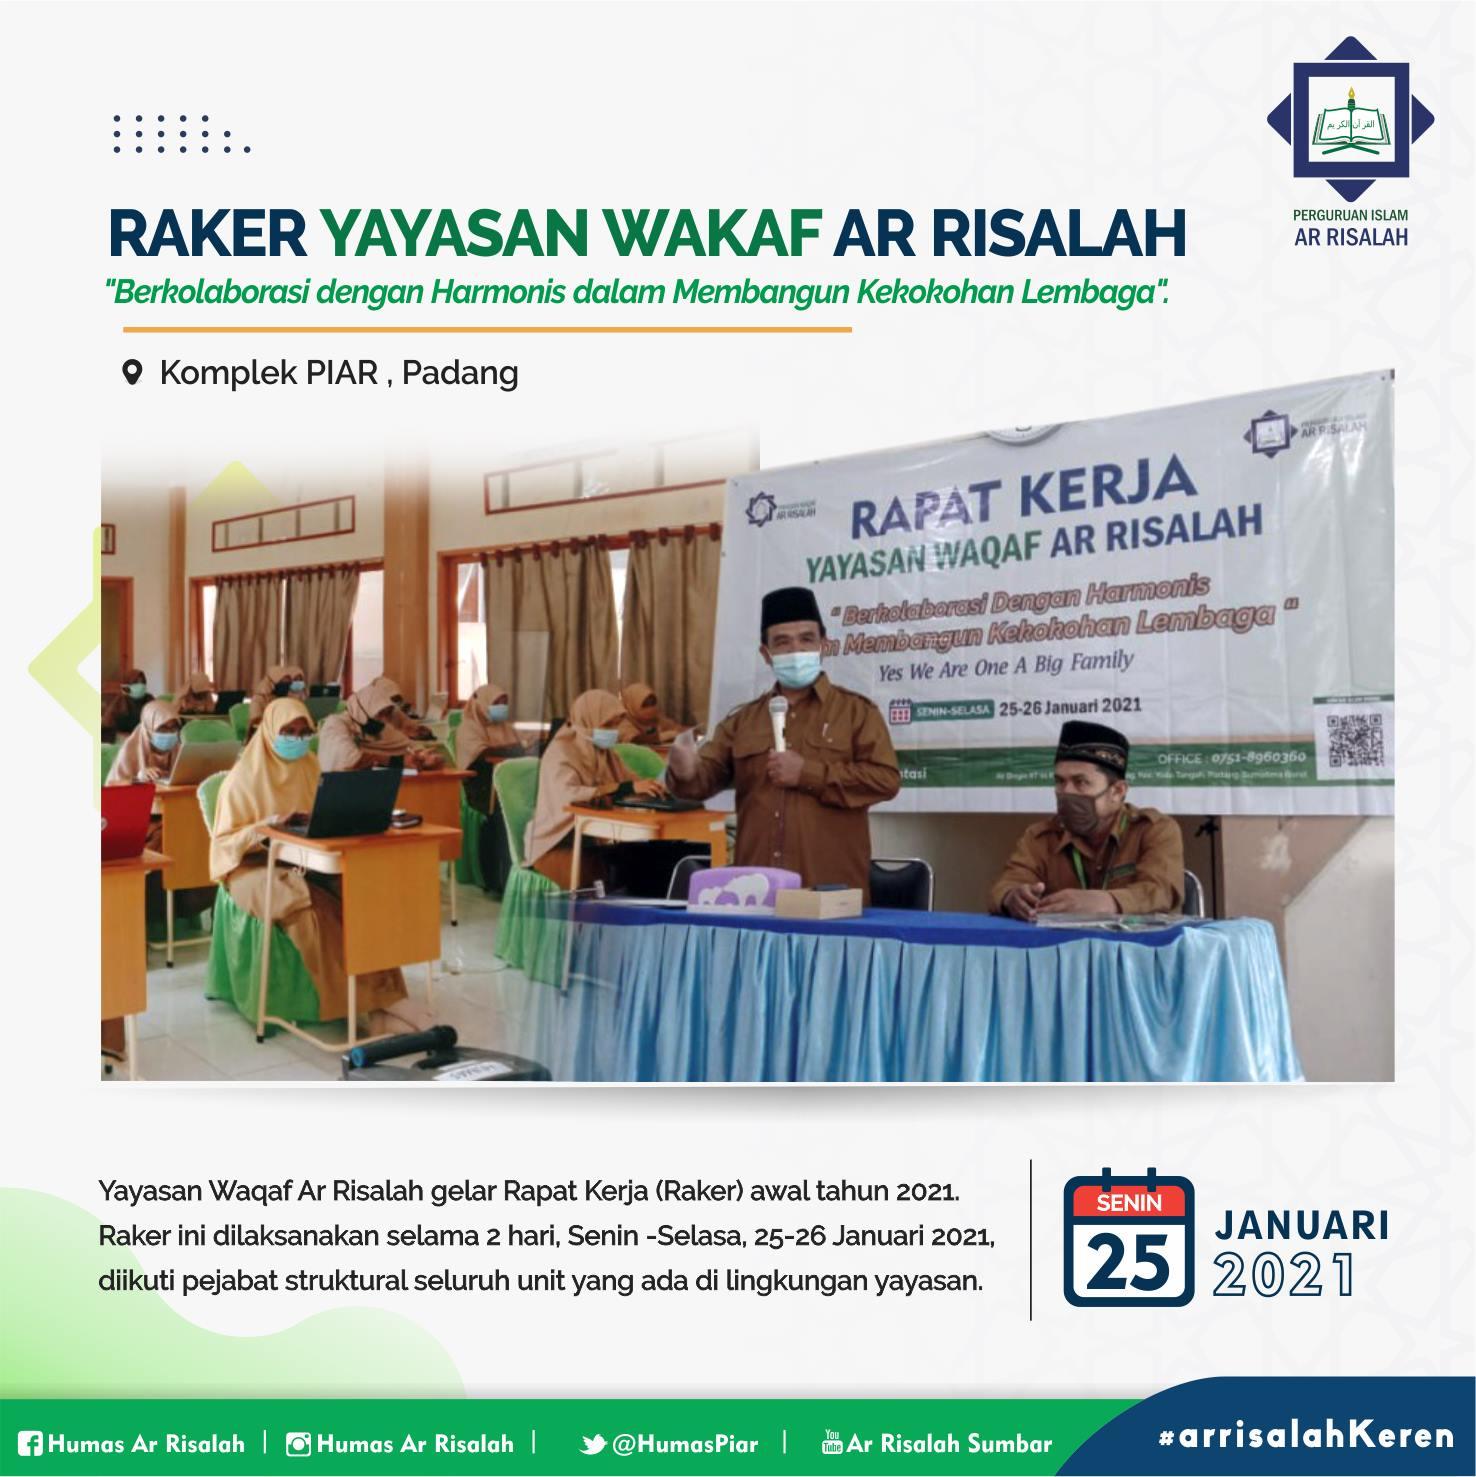 Yayasan Waqaf Ar Risalah gelar Rapat Kerja (Raker) awal tahun 2021